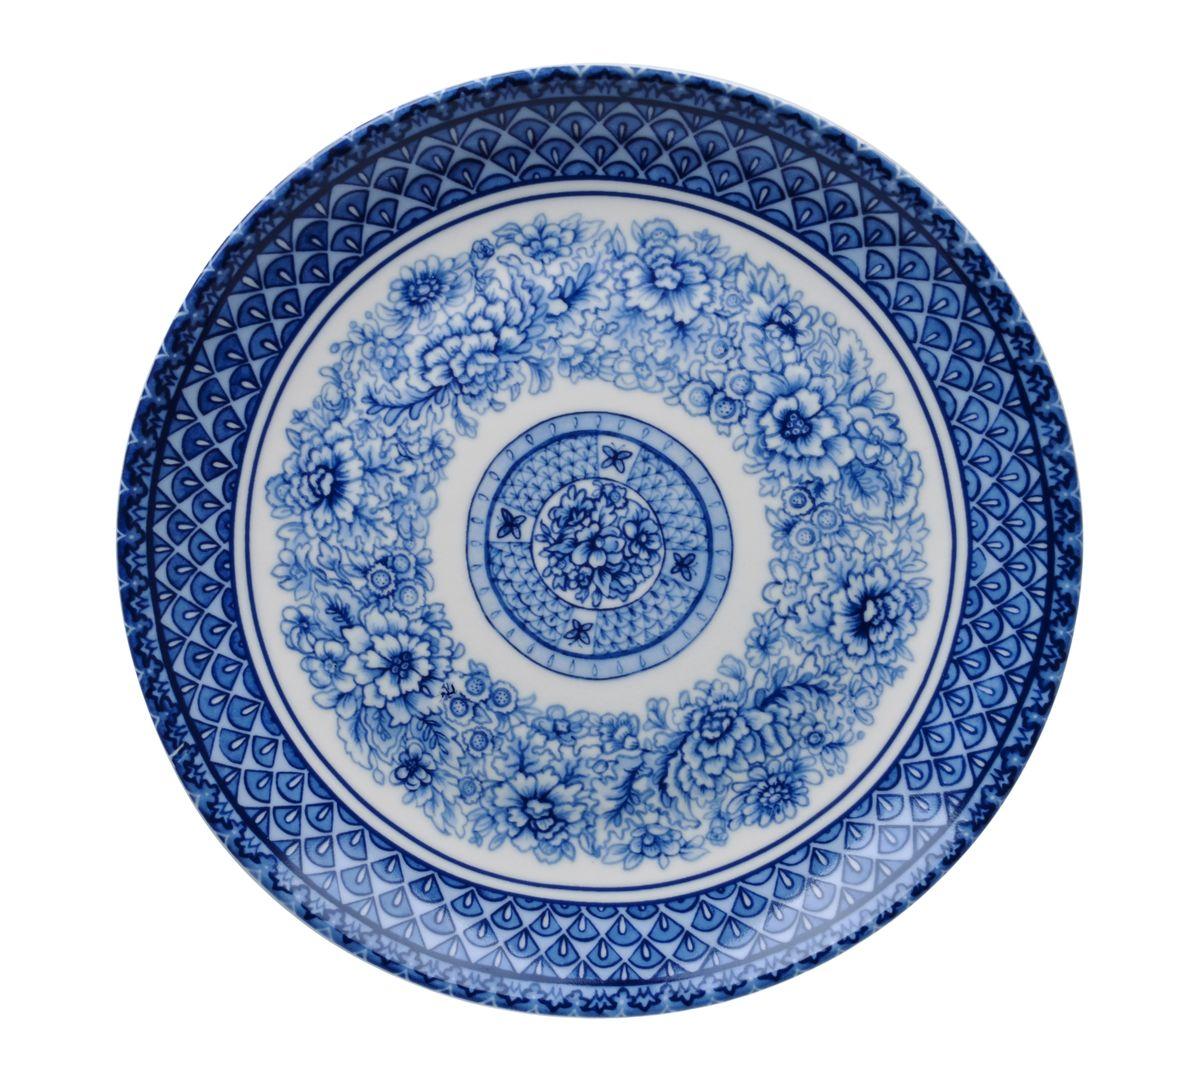 Тарелка для горячего Utana Династия, диаметр 27 смUTBD36110Тарелка Utana Династия изготовлена из высококачественной керамики. Предназначена для подачи вторых блюд. Изделие декорировано оригинальным орнаментом. Такая тарелка украсит сервировку стола и подчеркнет прекрасный вкус хозяйки. Можно мыть в посудомоечной машине и использовать в СВЧ. Диаметр: 27 см. Высота: 3,5 см.